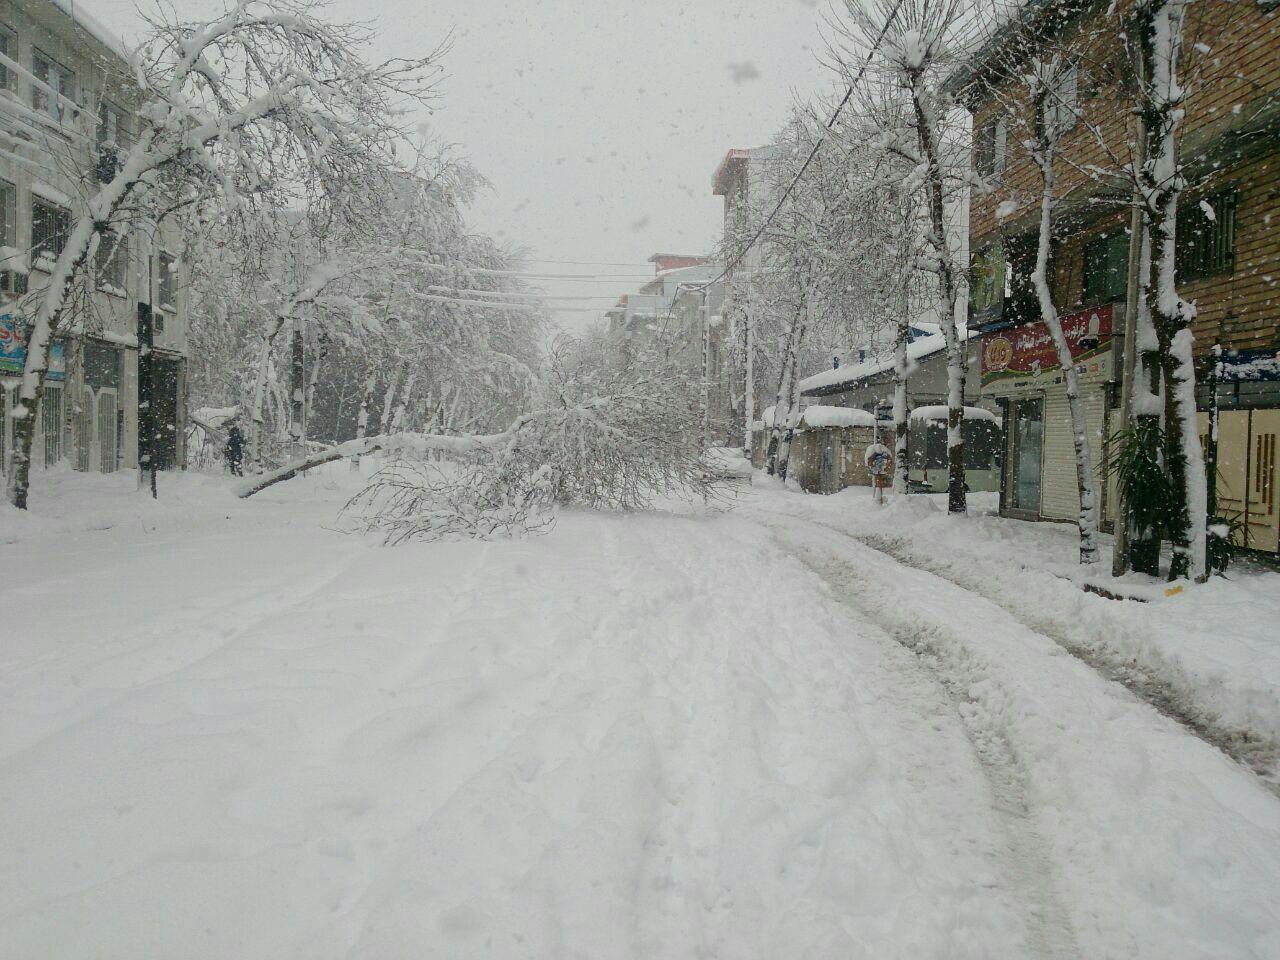 احتمال بارش نیم متری برف در جلگه/بیشترین بارش ها در غرب گیلان است